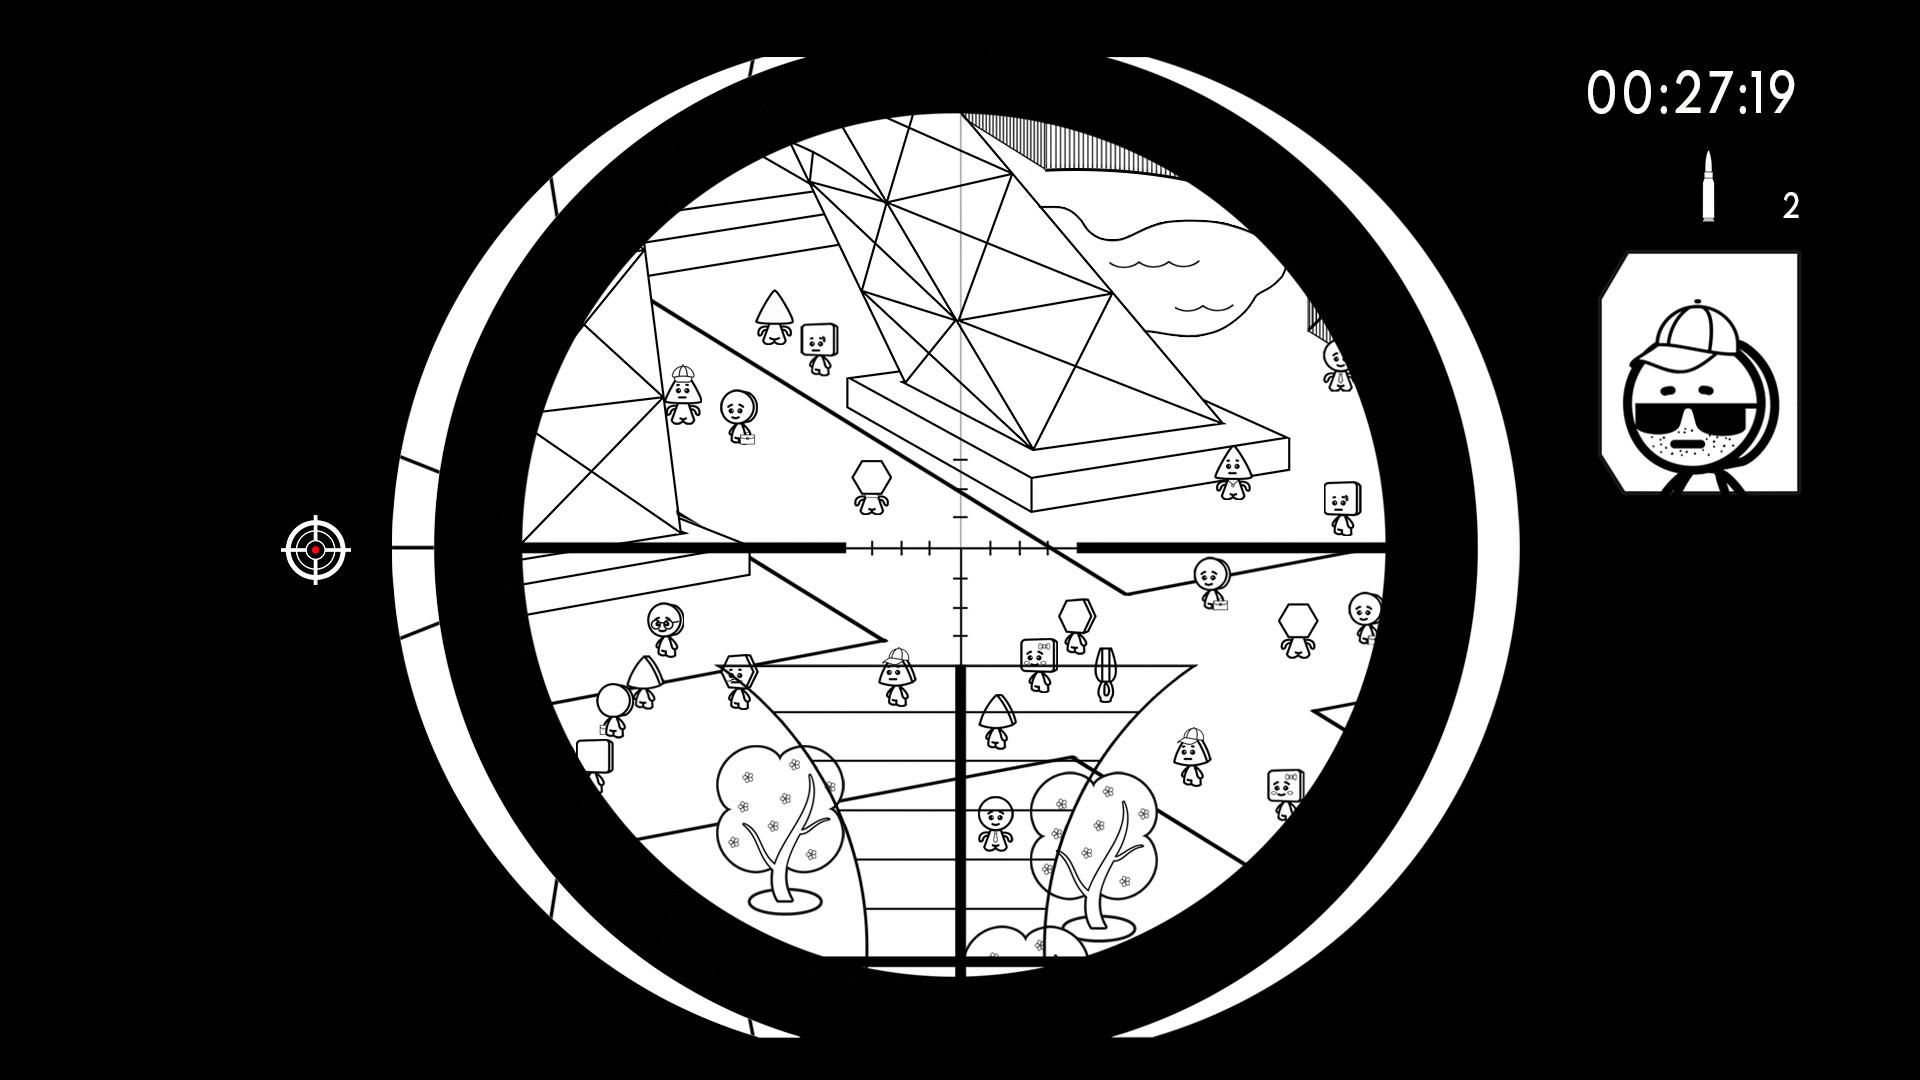 Geometric Sniper - Blood in Paris